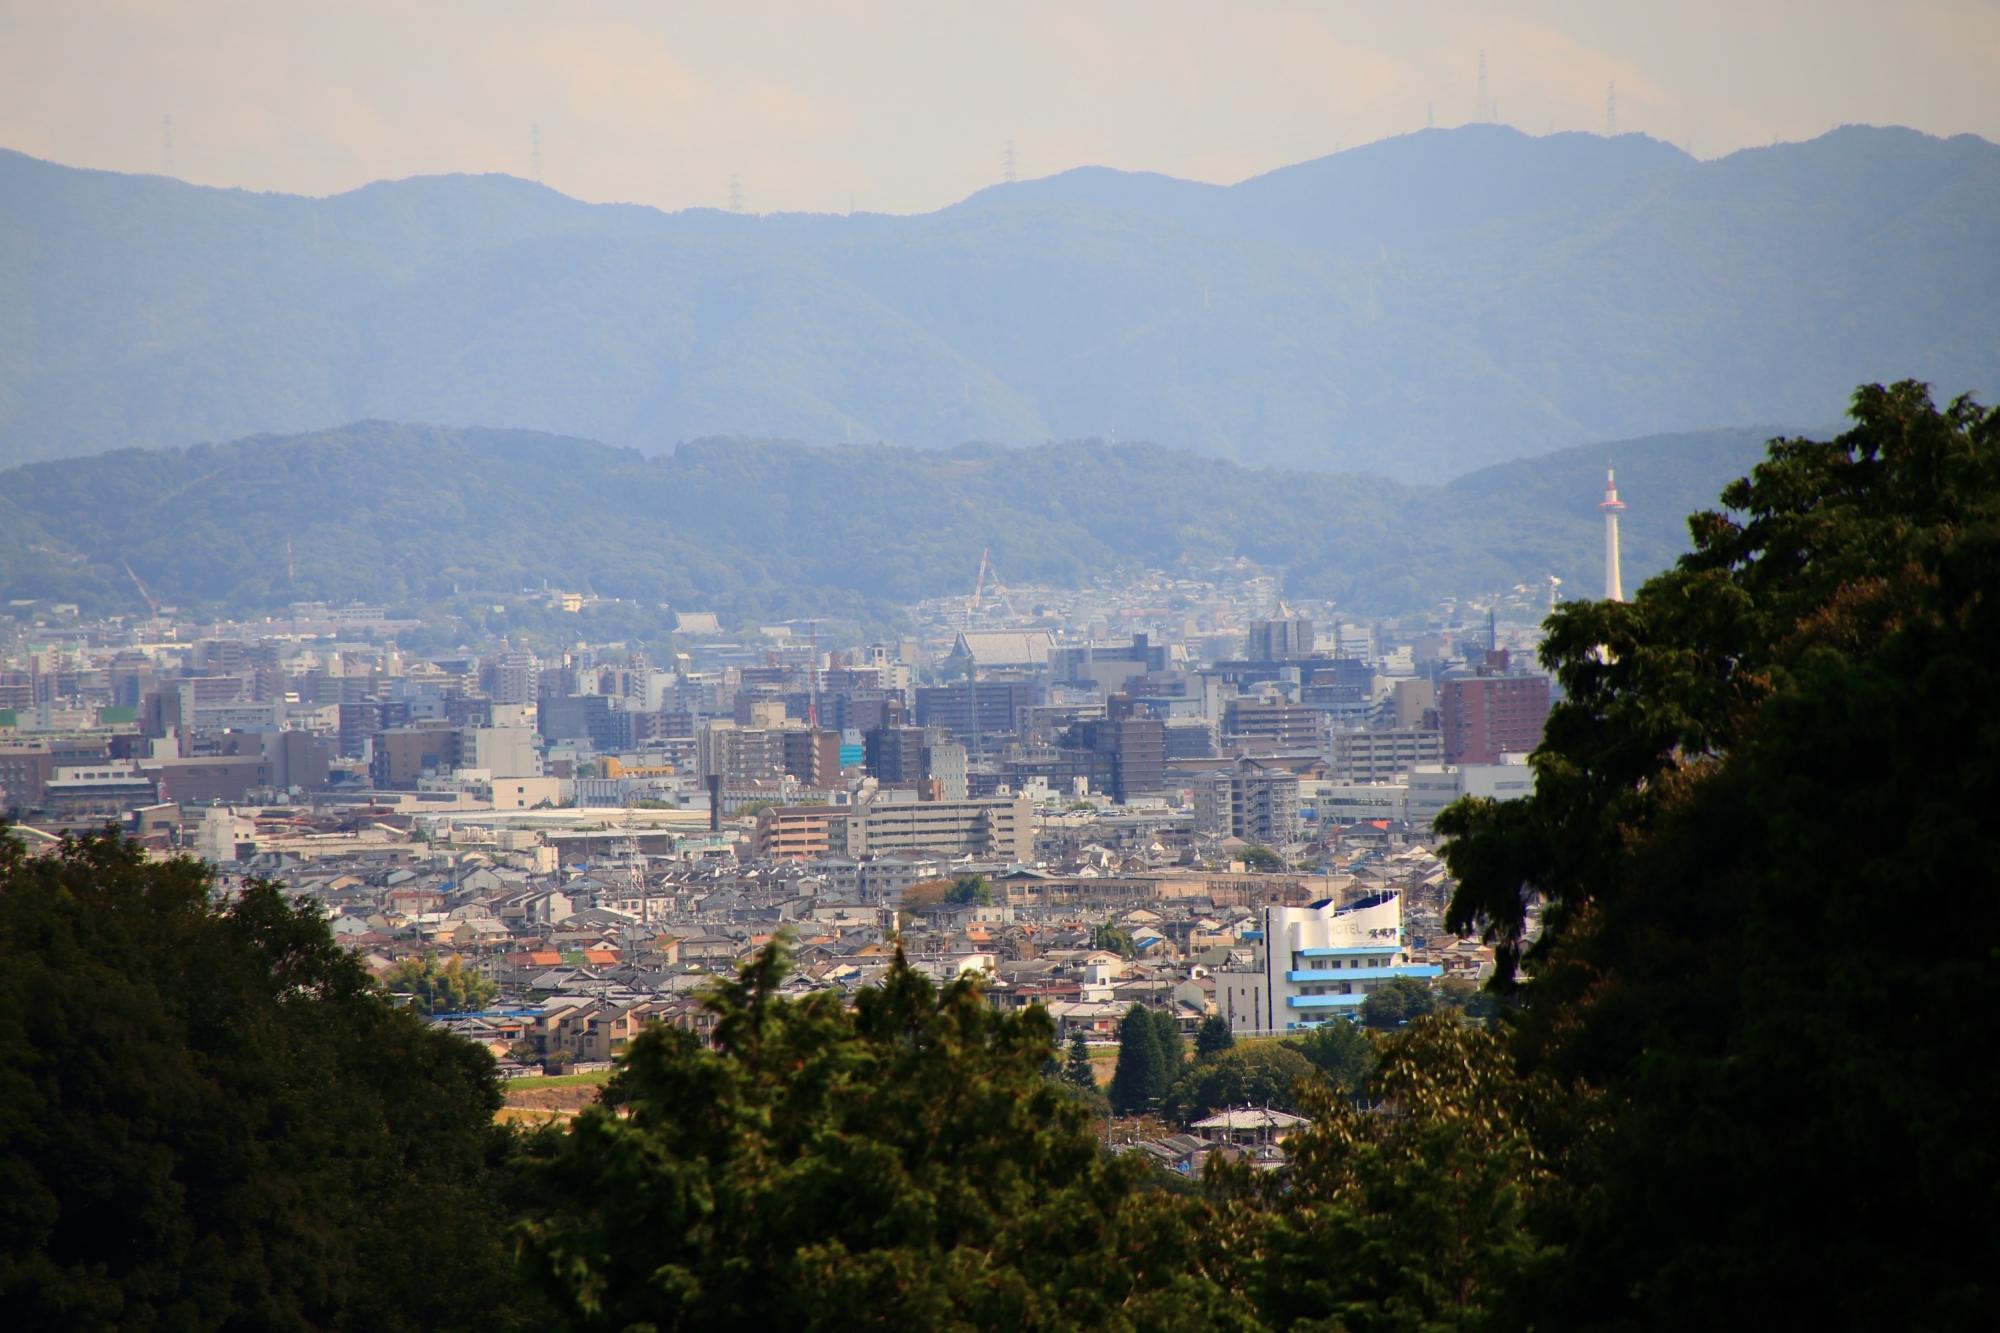 嵐山の秘境の大悲閣 千光寺から眺める京都タワー